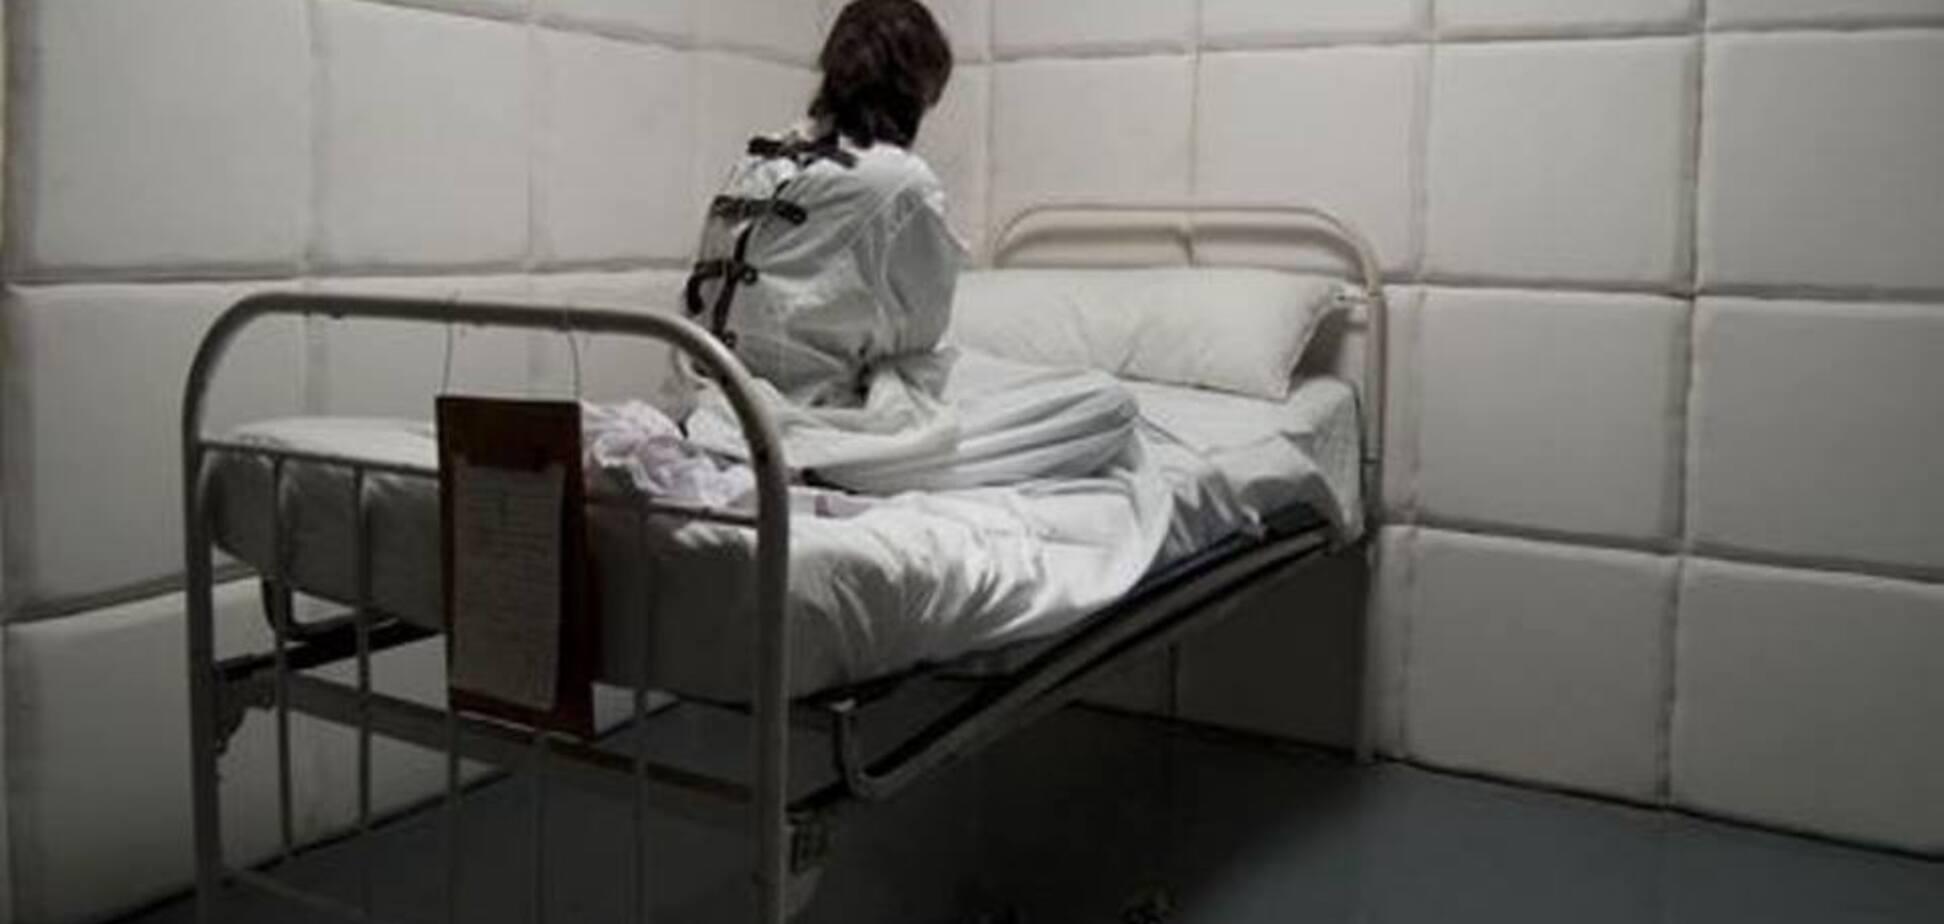 Вывозили силой: под Киевом разоблачили тайную больницу с похищенными людьми